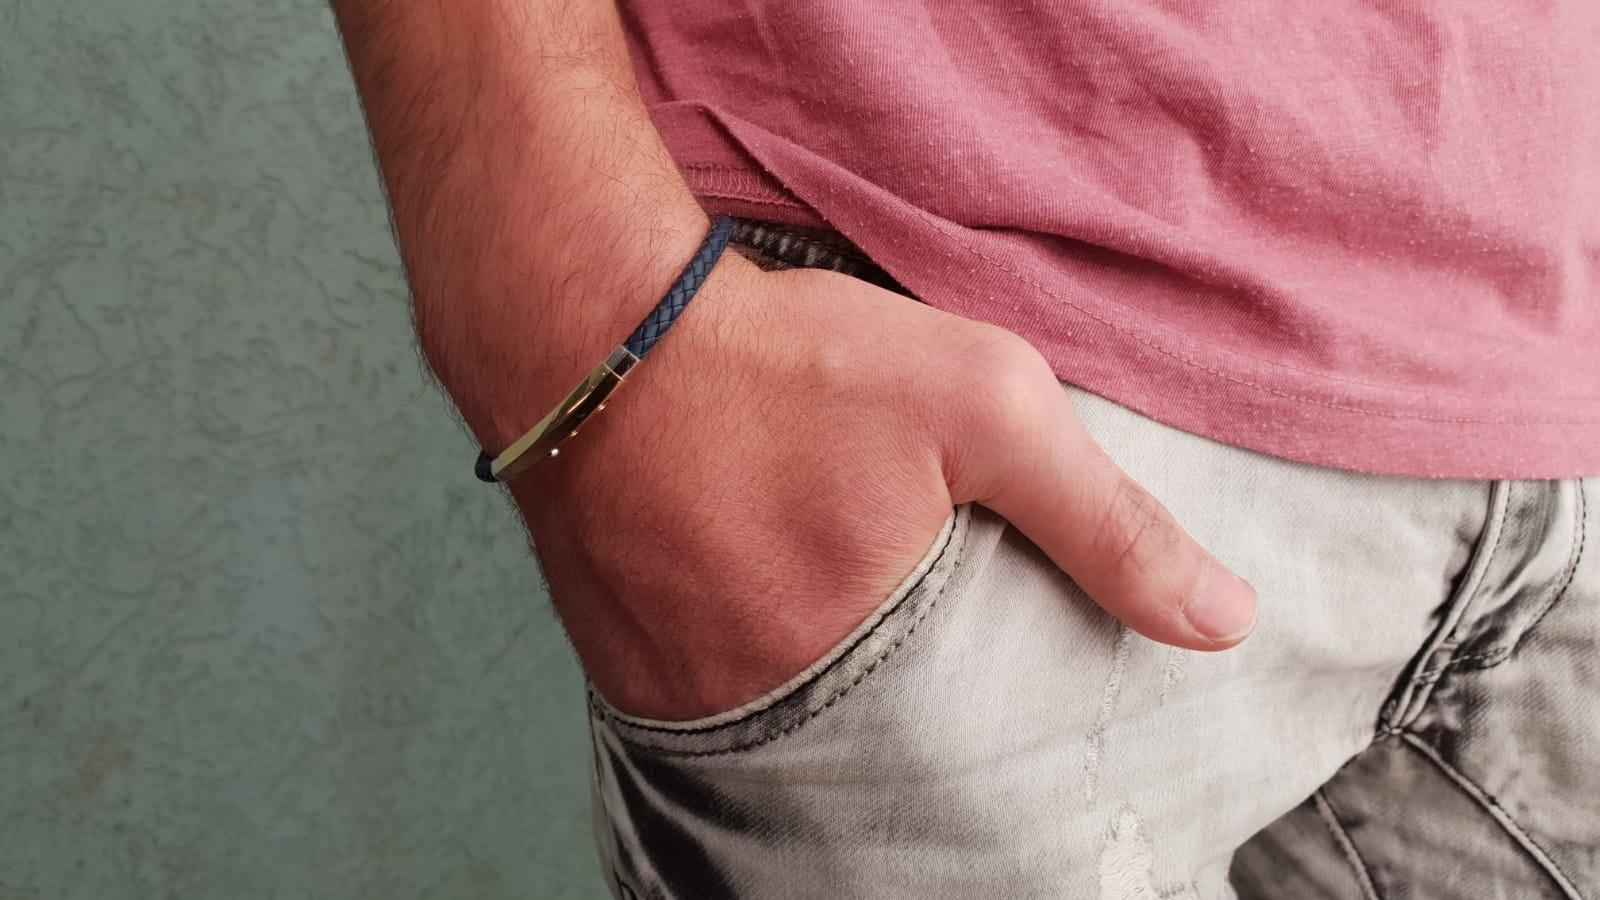 צמיד עור לגבר קלוע ומשולב זהב 14 קרט בצבע כחול